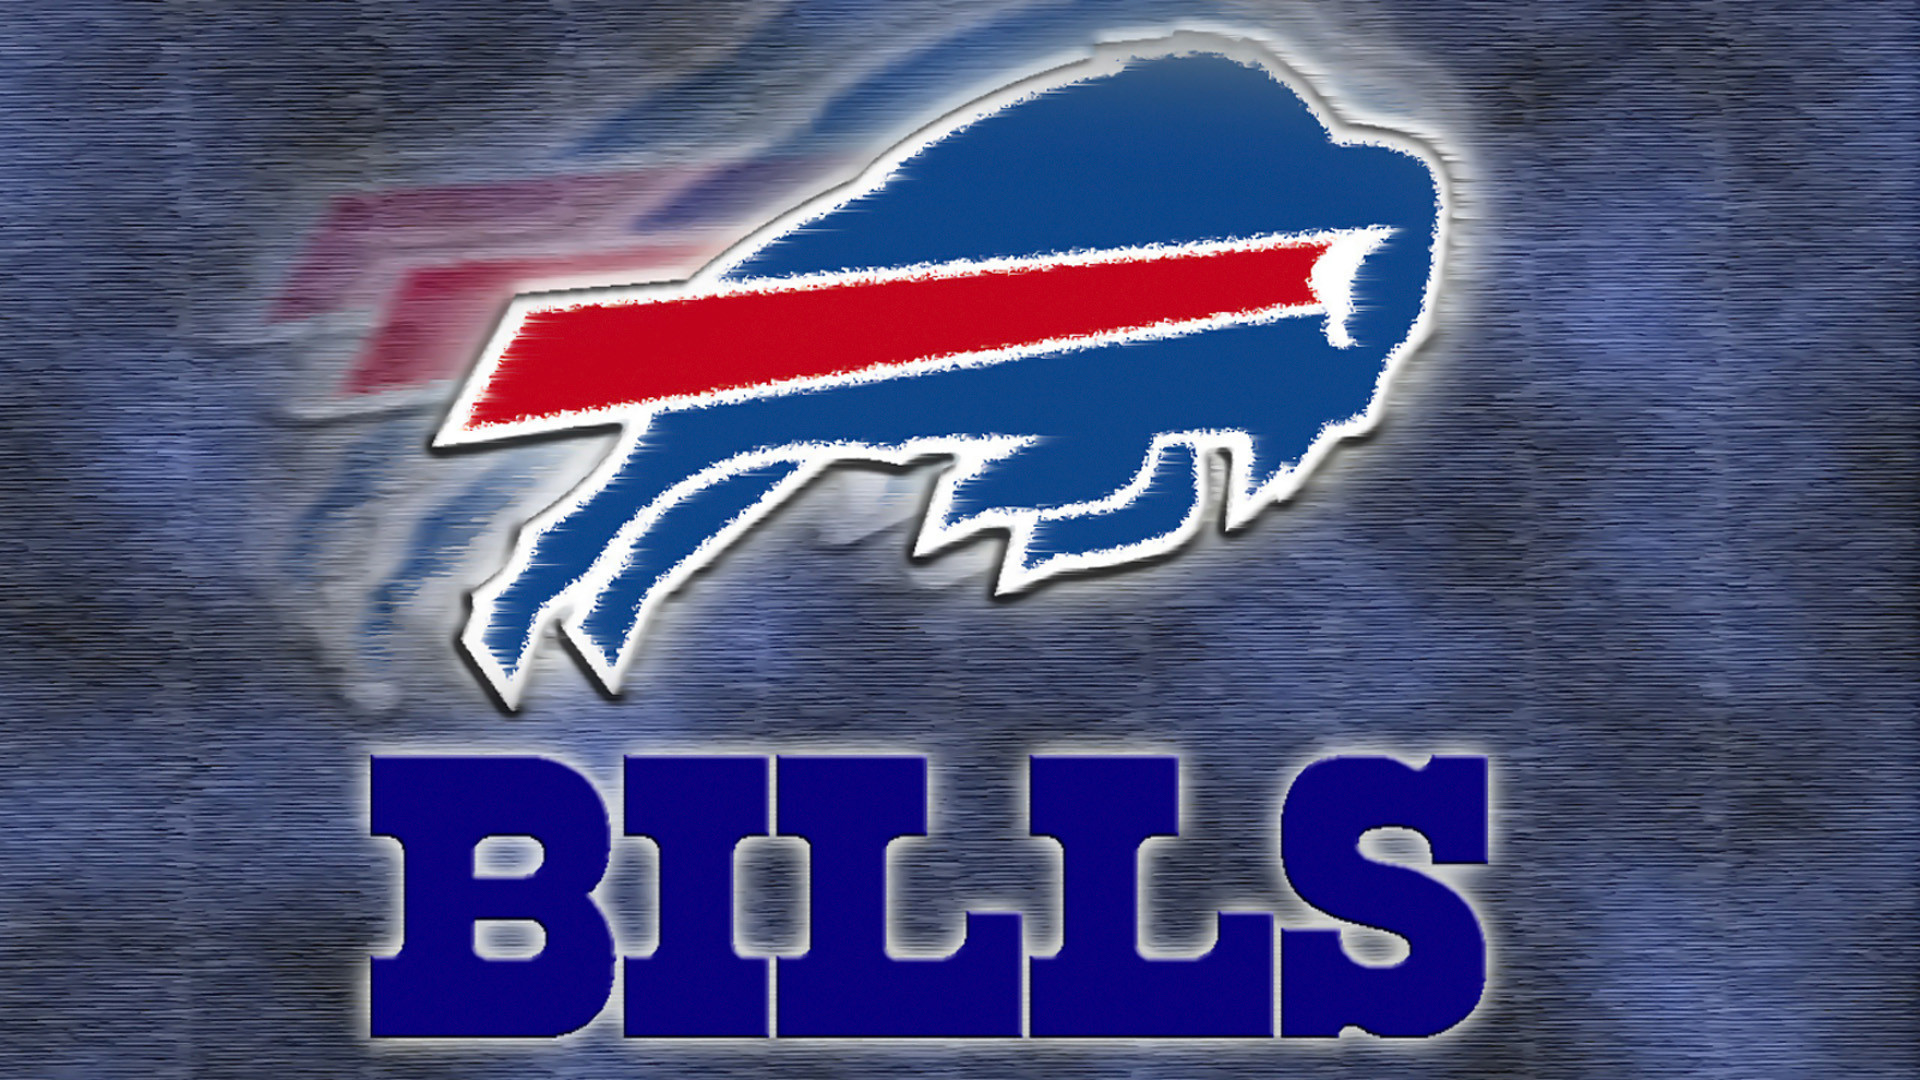 Buffalo Bills Wallpaper Screensaver